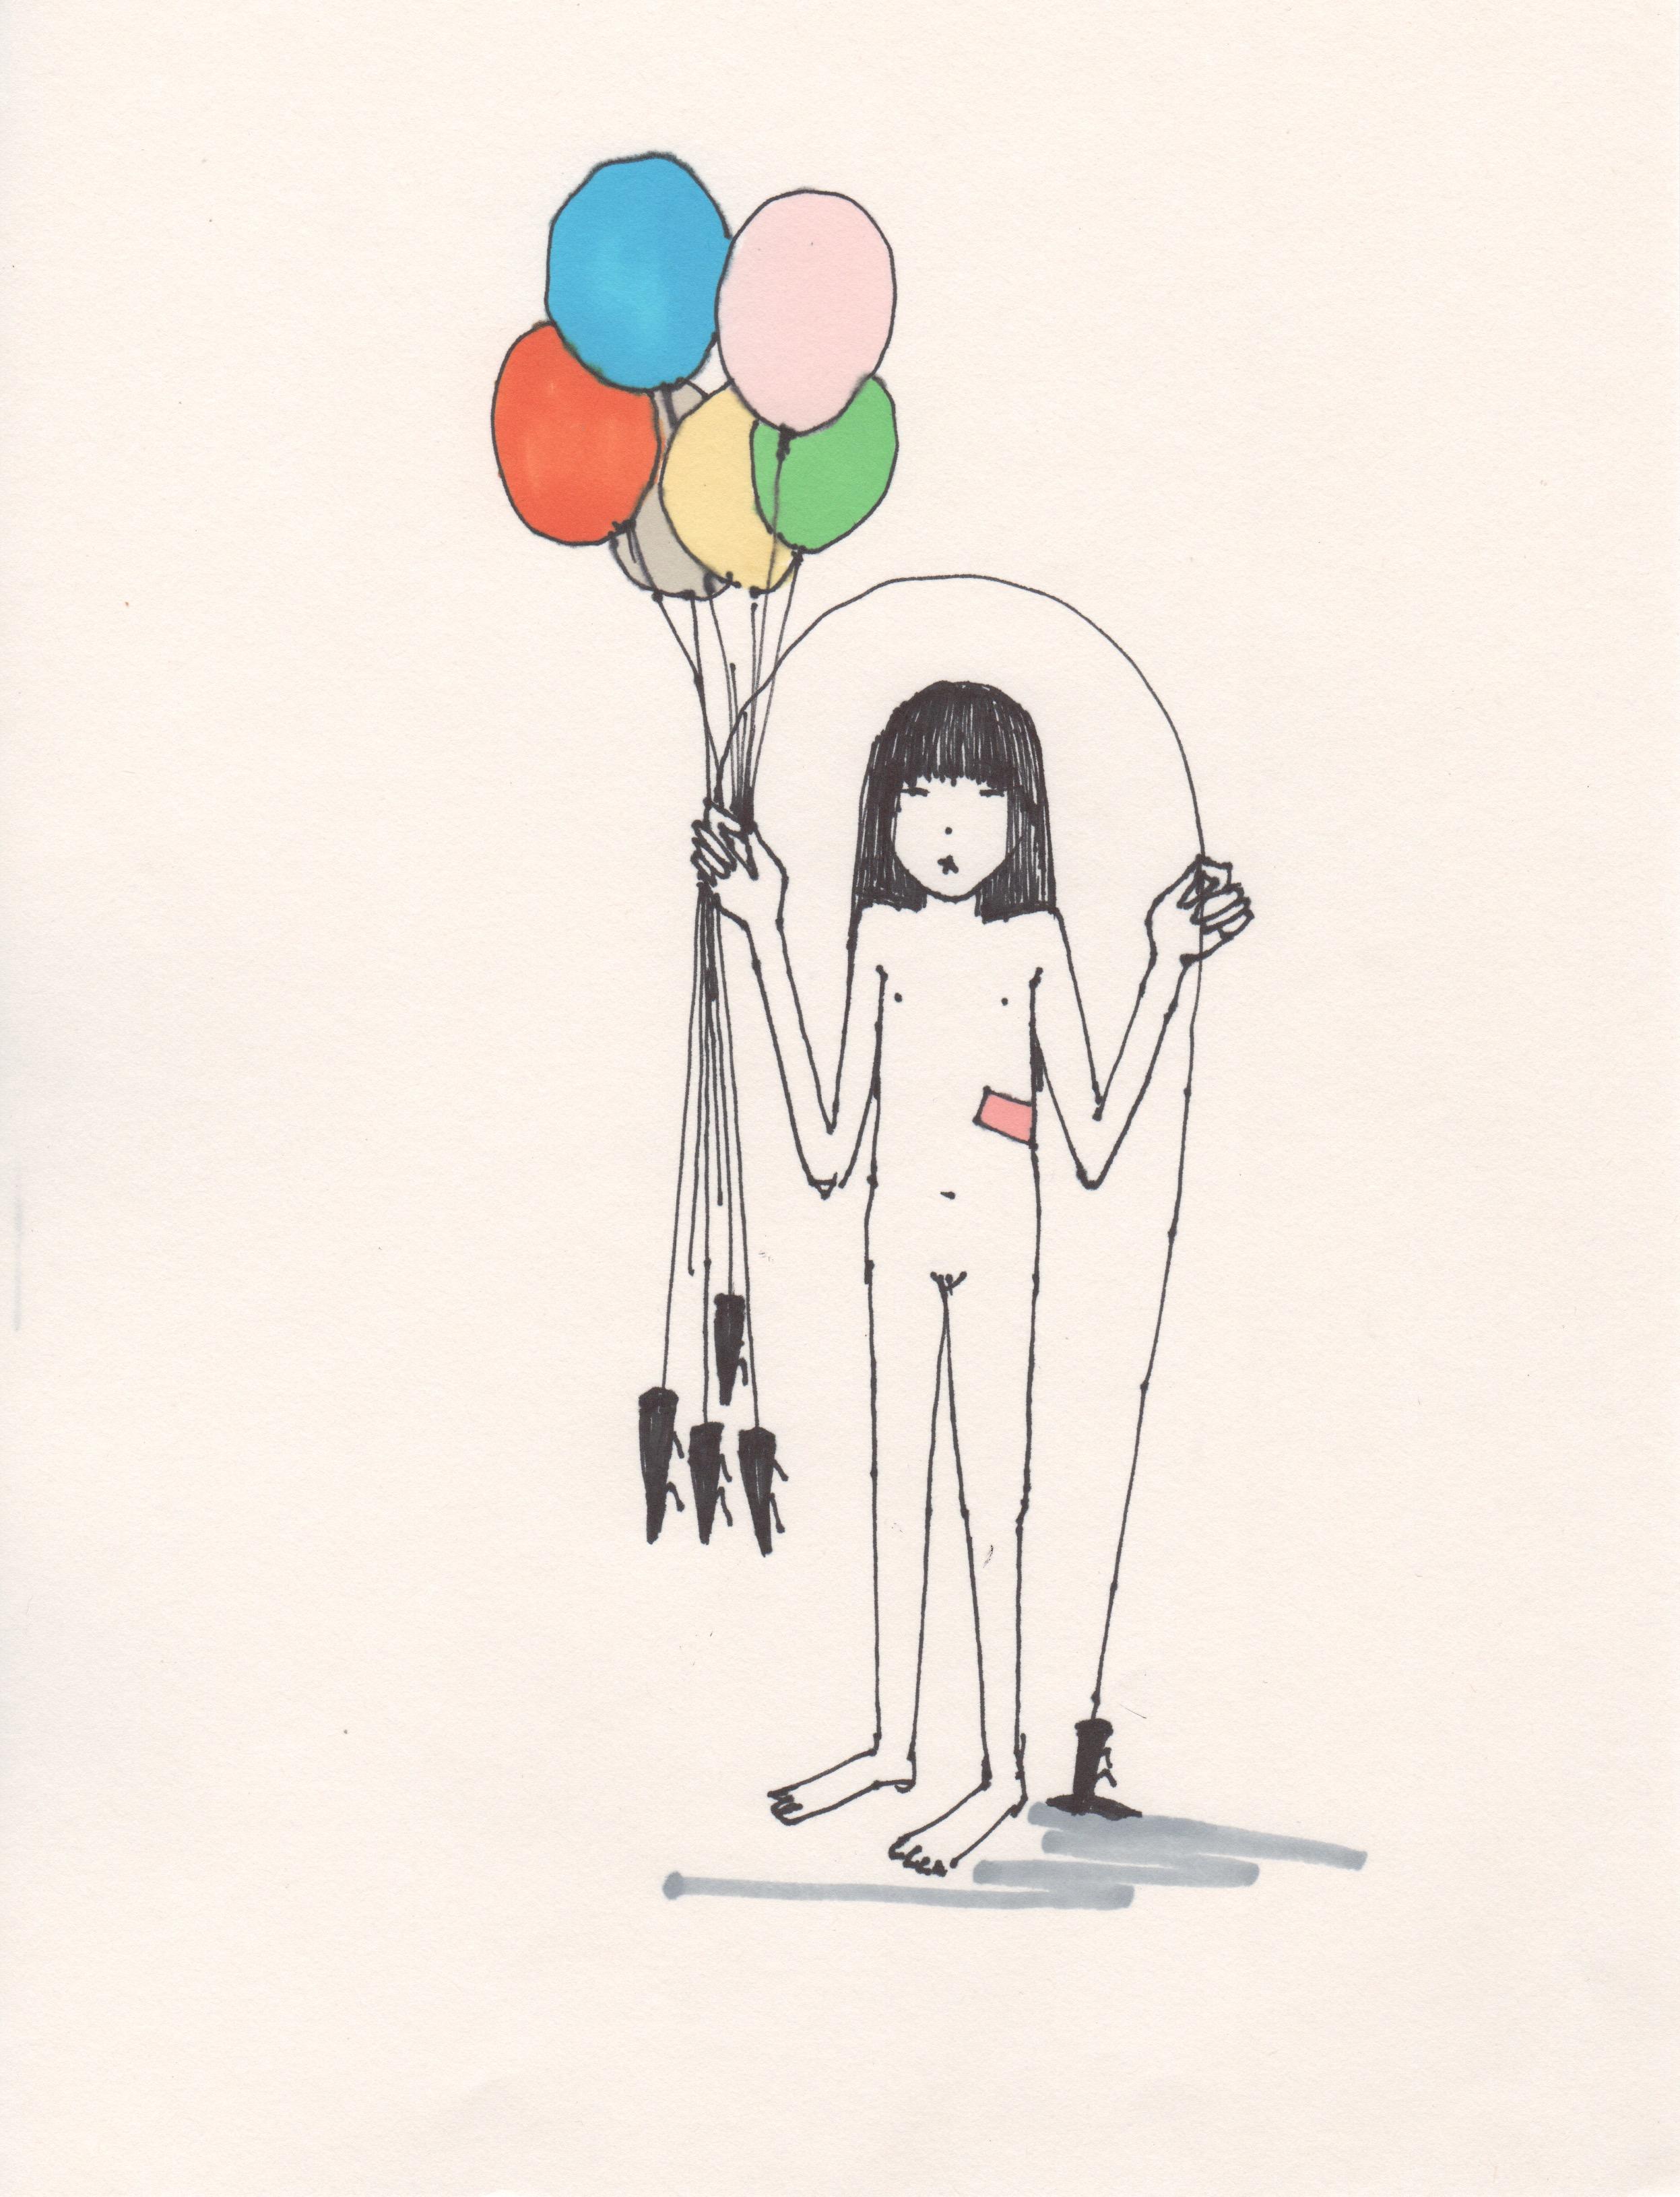 rattailballoons.jpeg